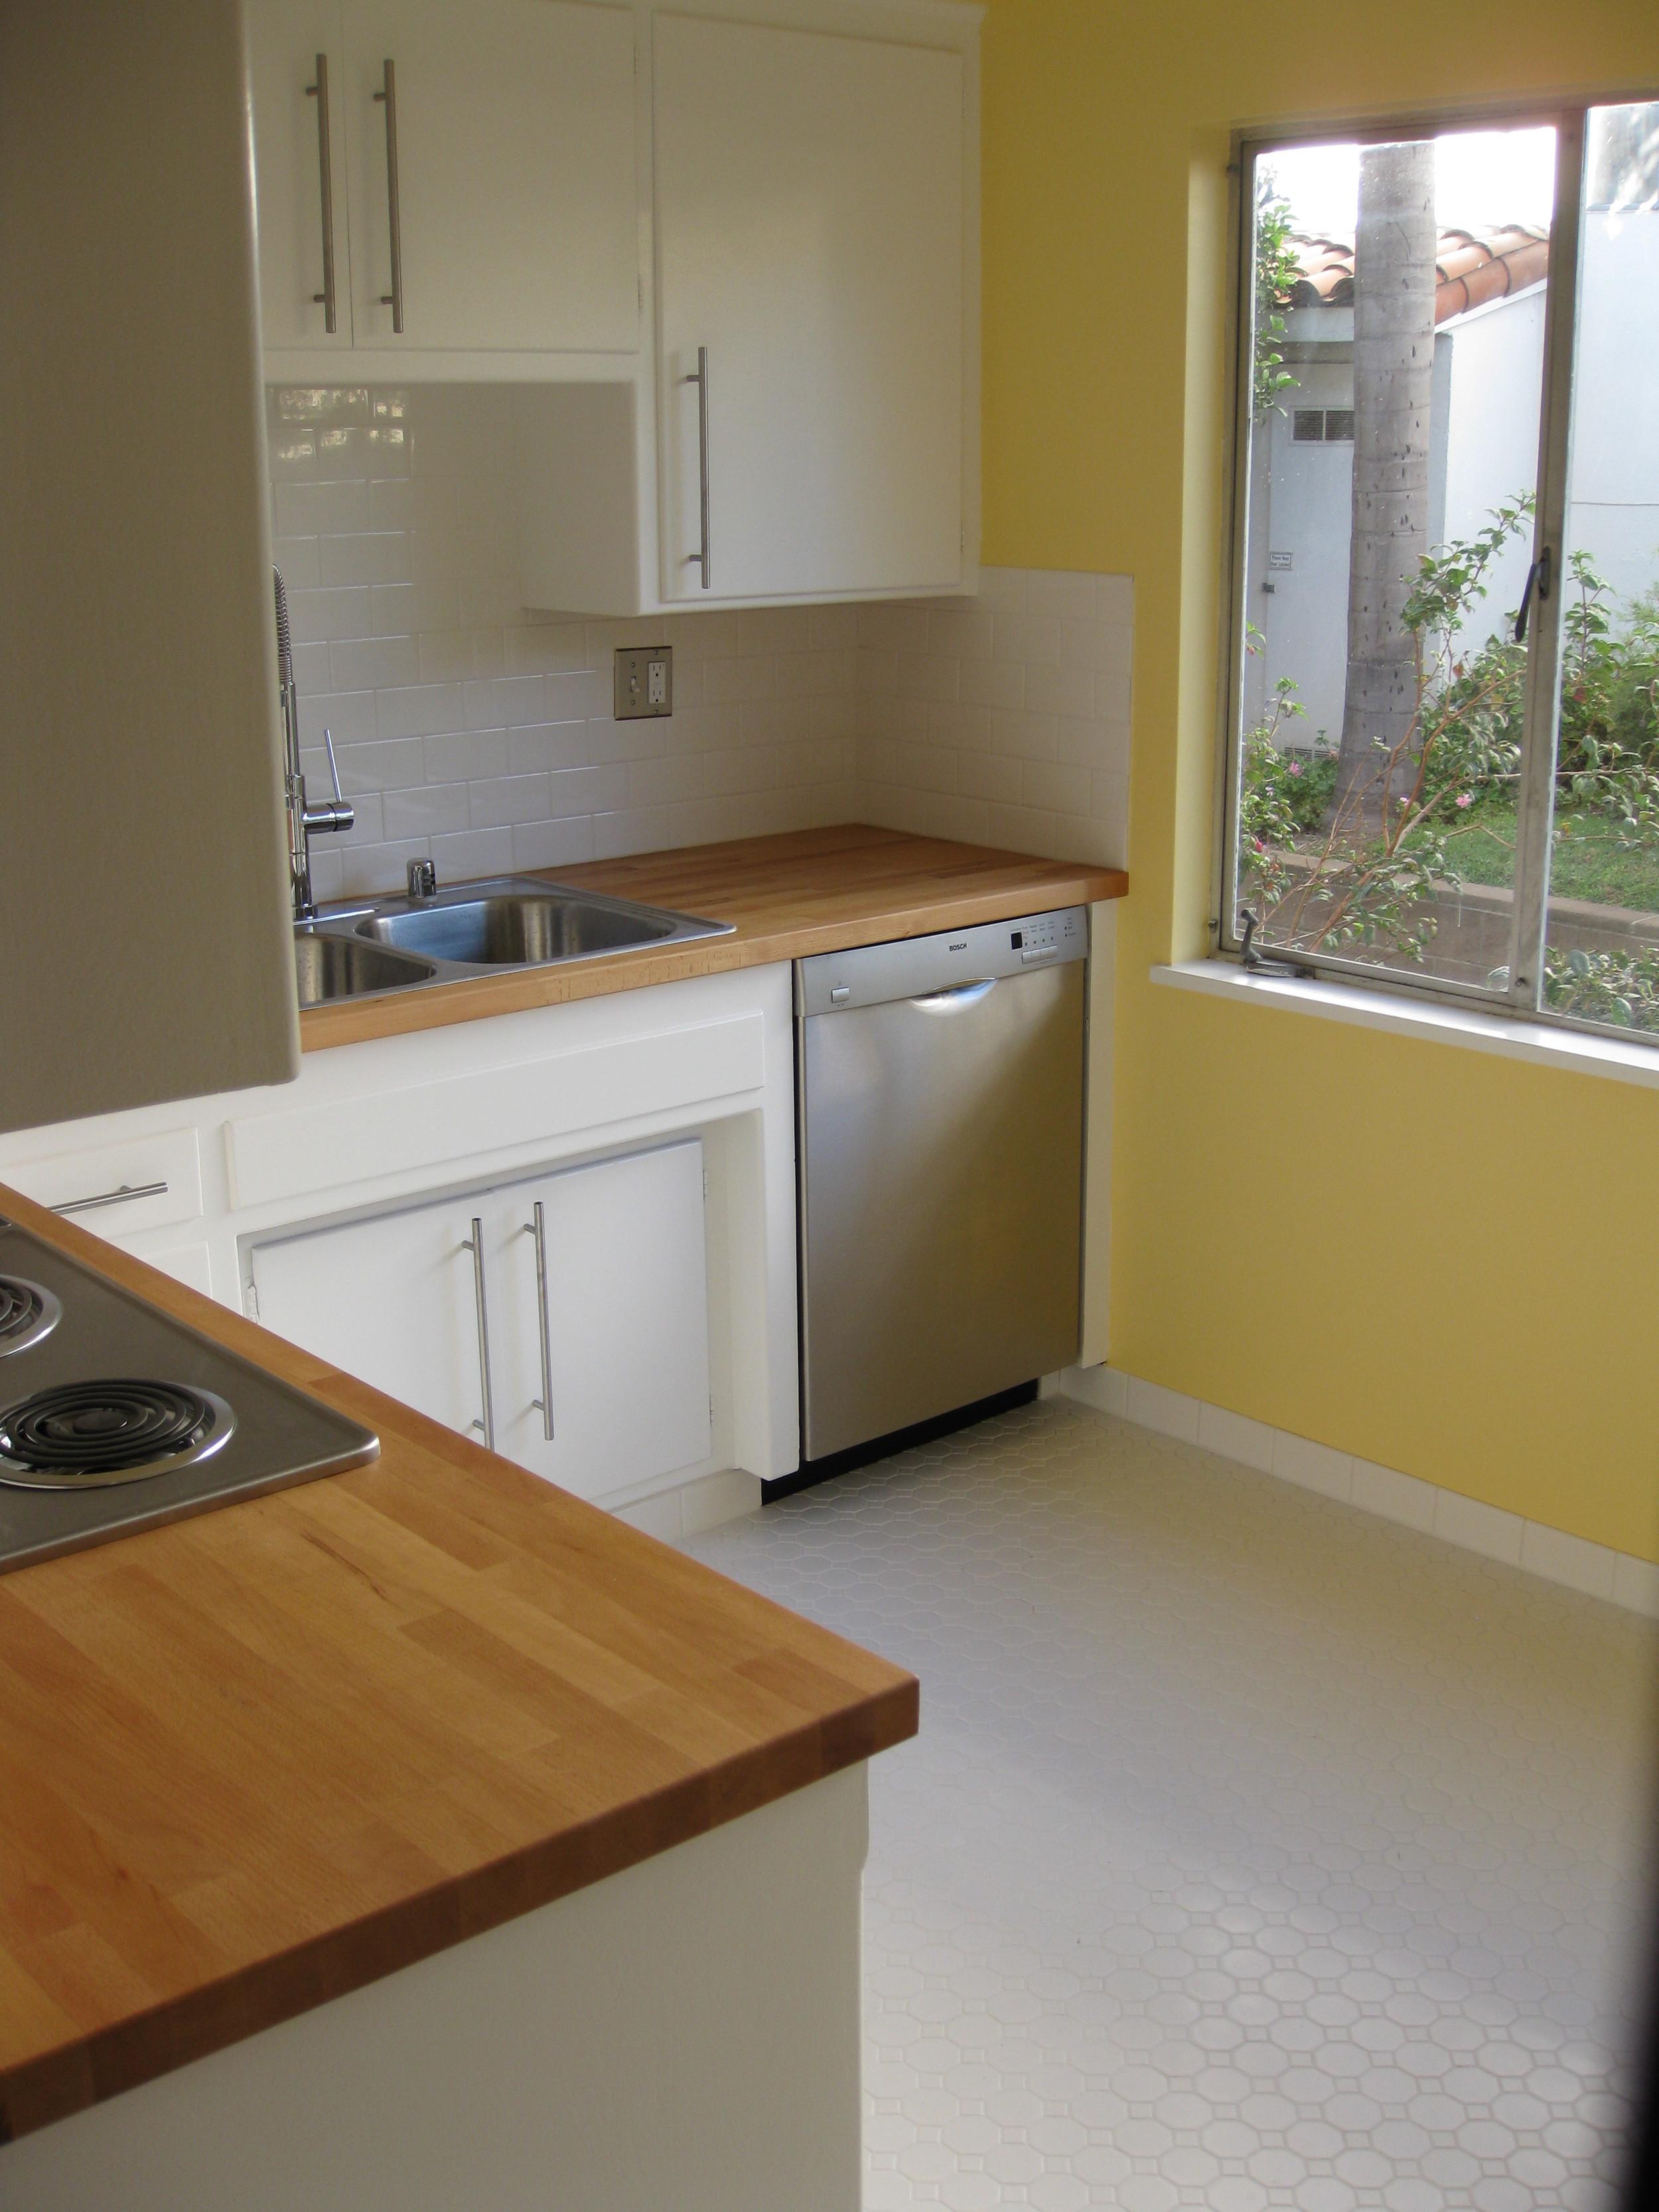 constance kitchen after 2.jpg